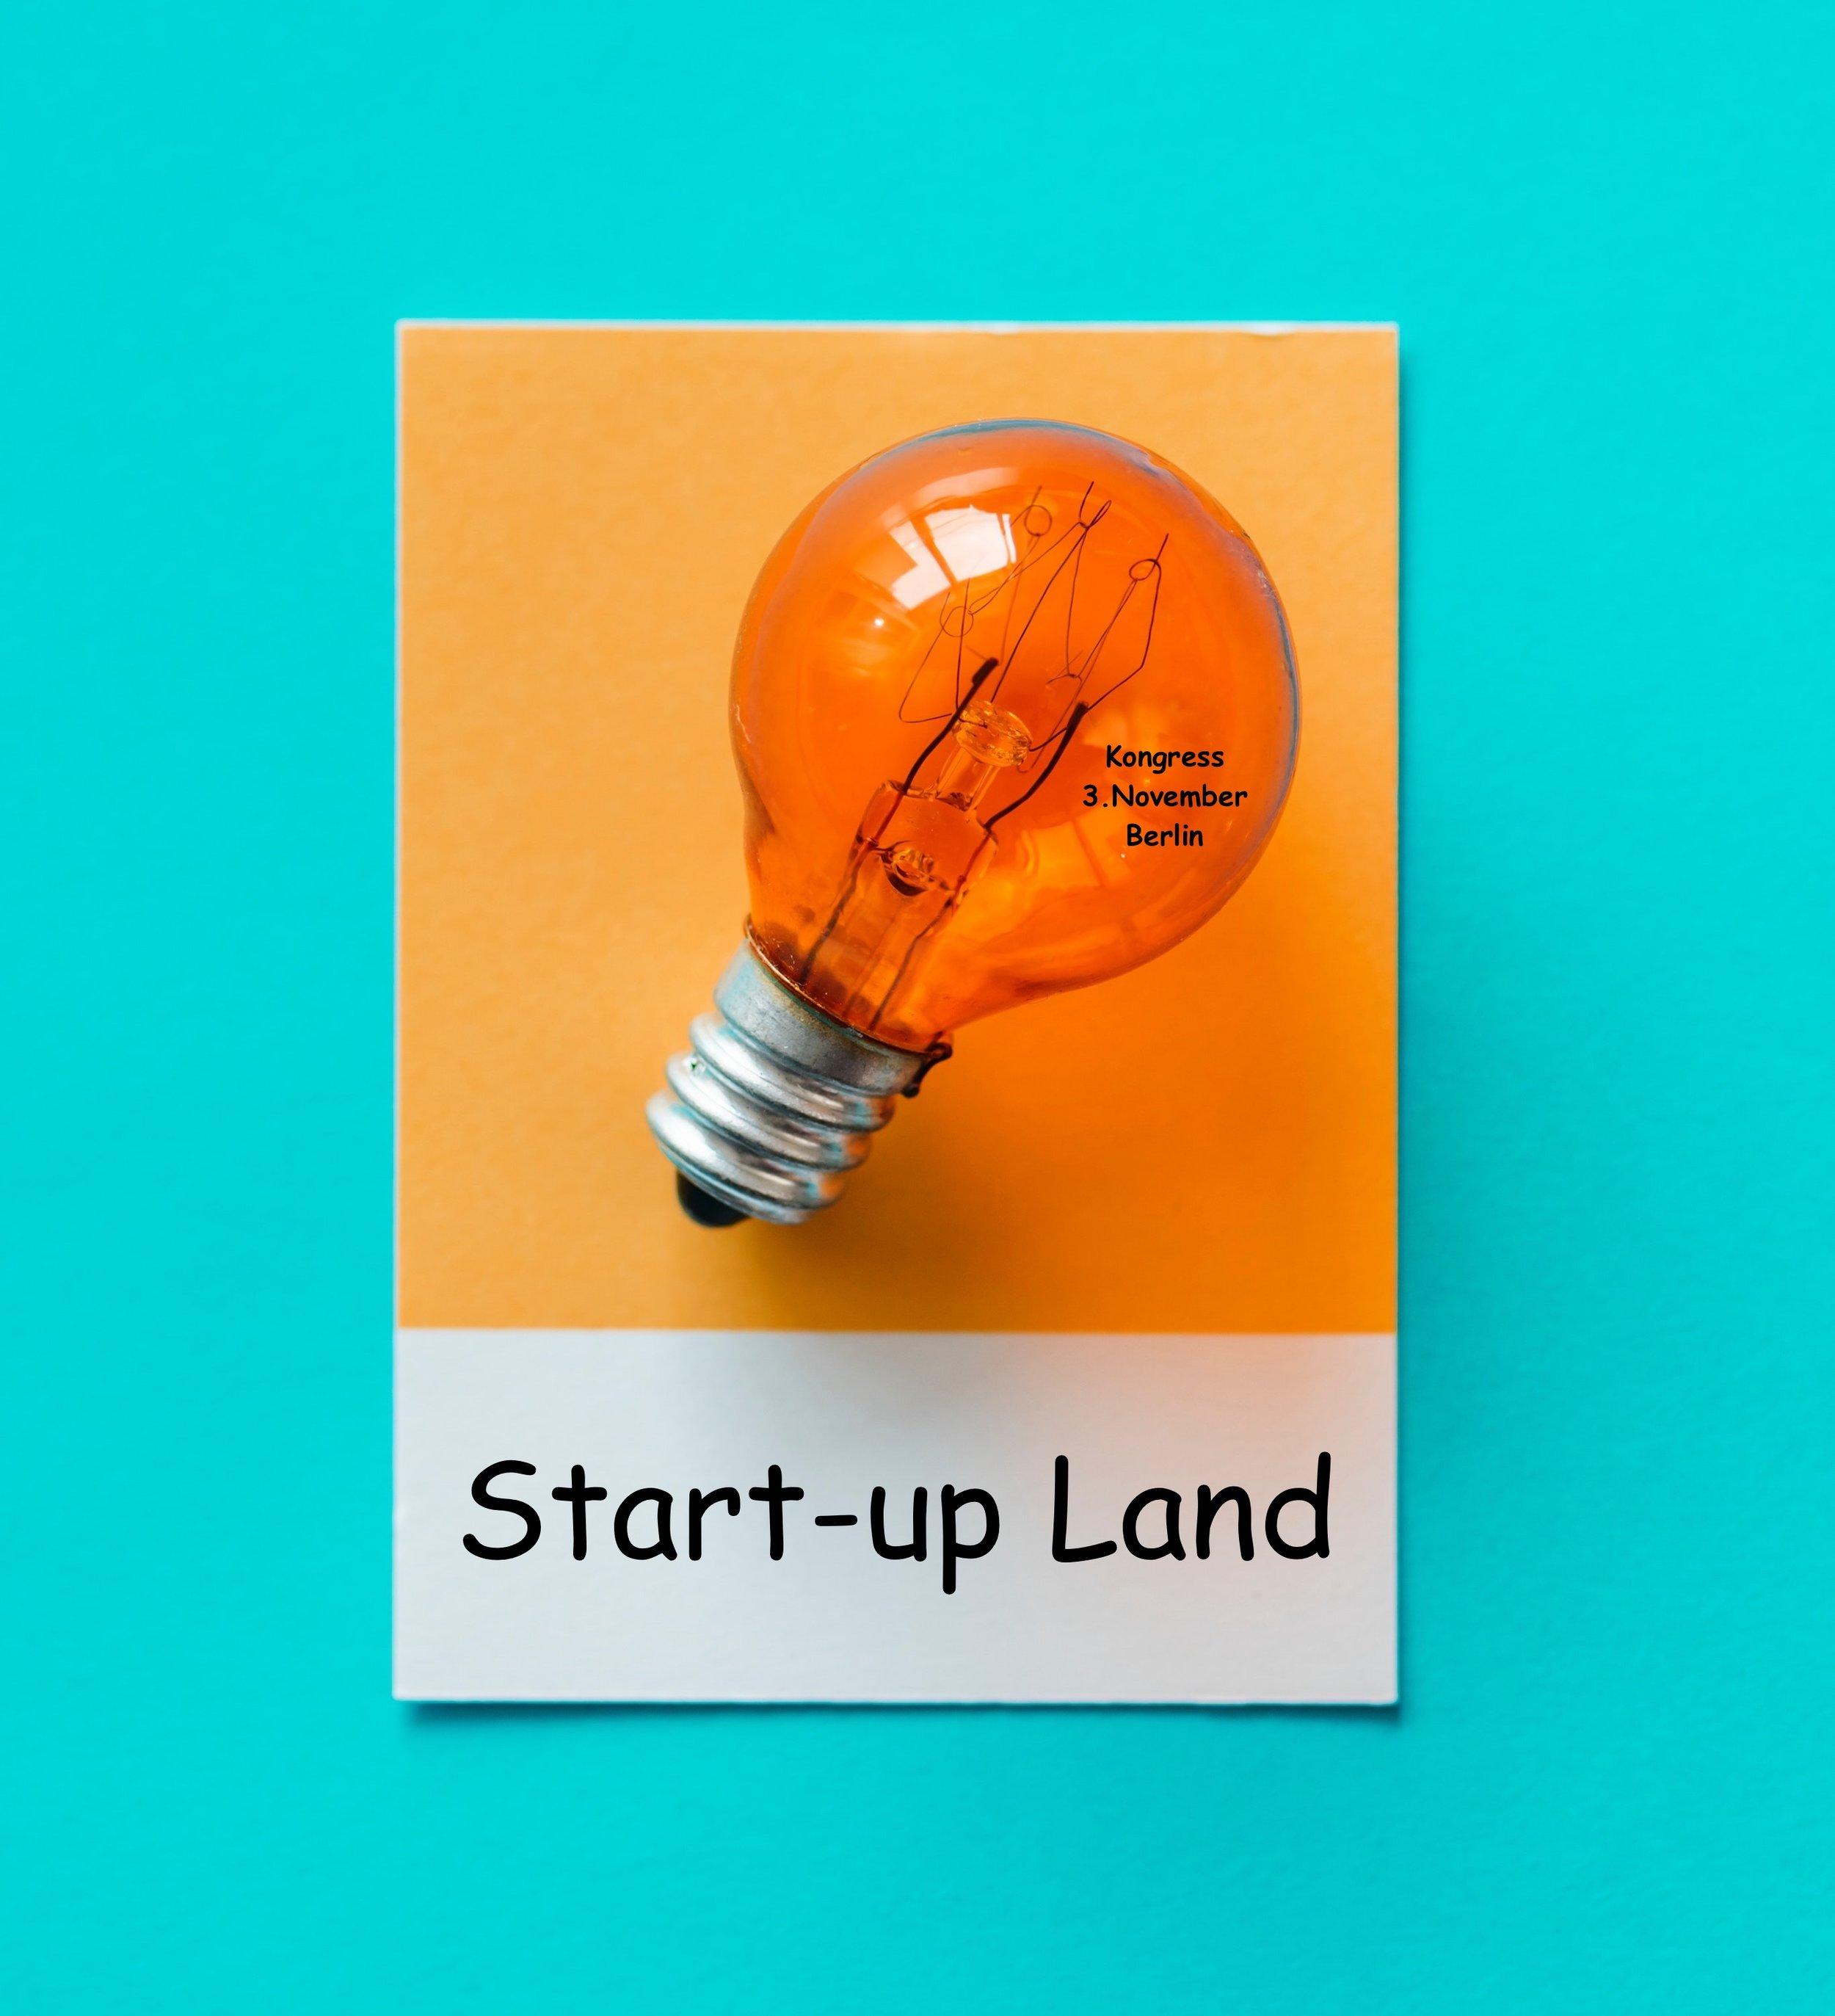 bulb-idea-innovation-1065710.jpeg